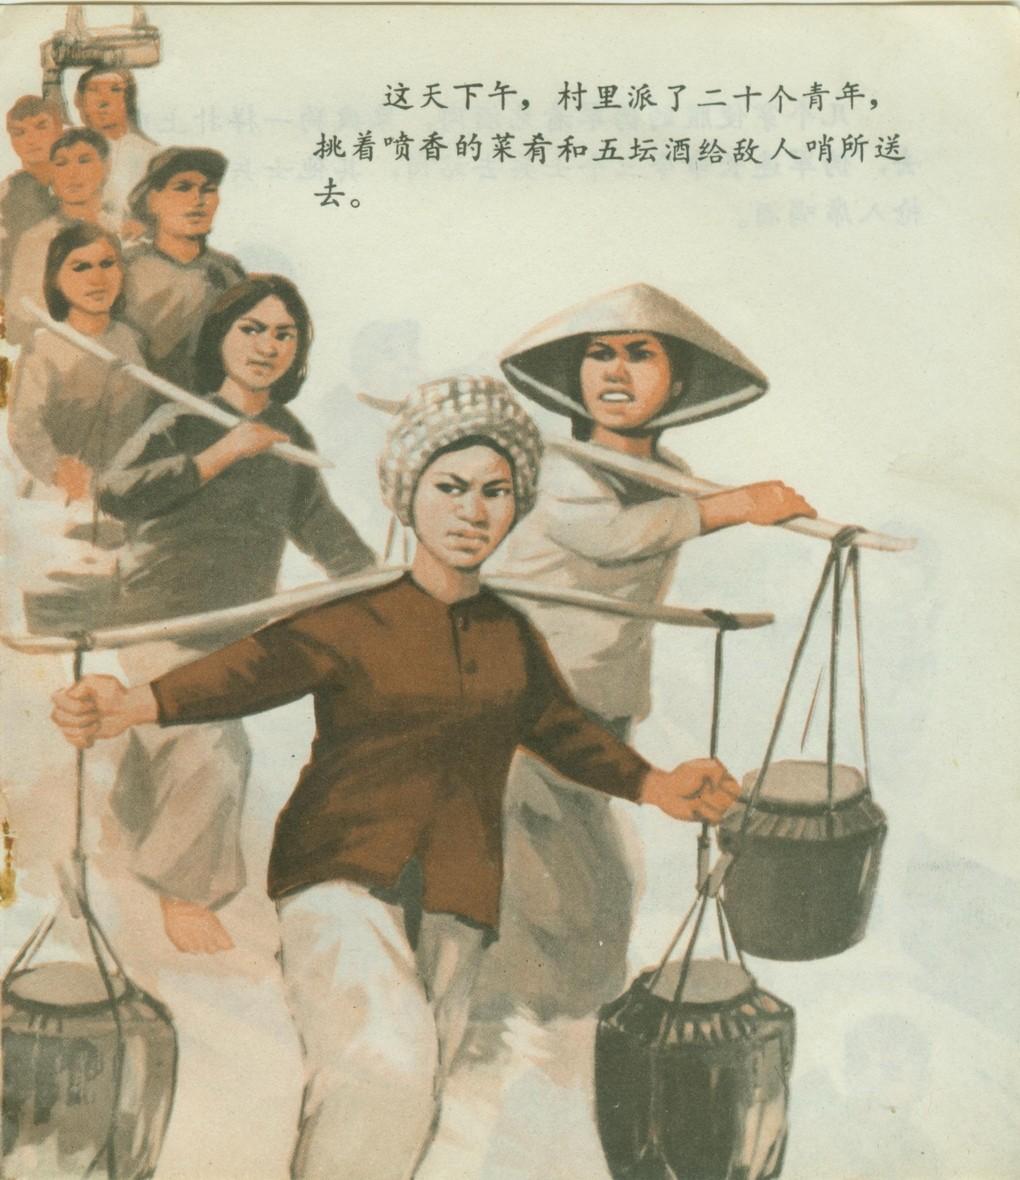 彩色连环画-柬埔寨女游击队员